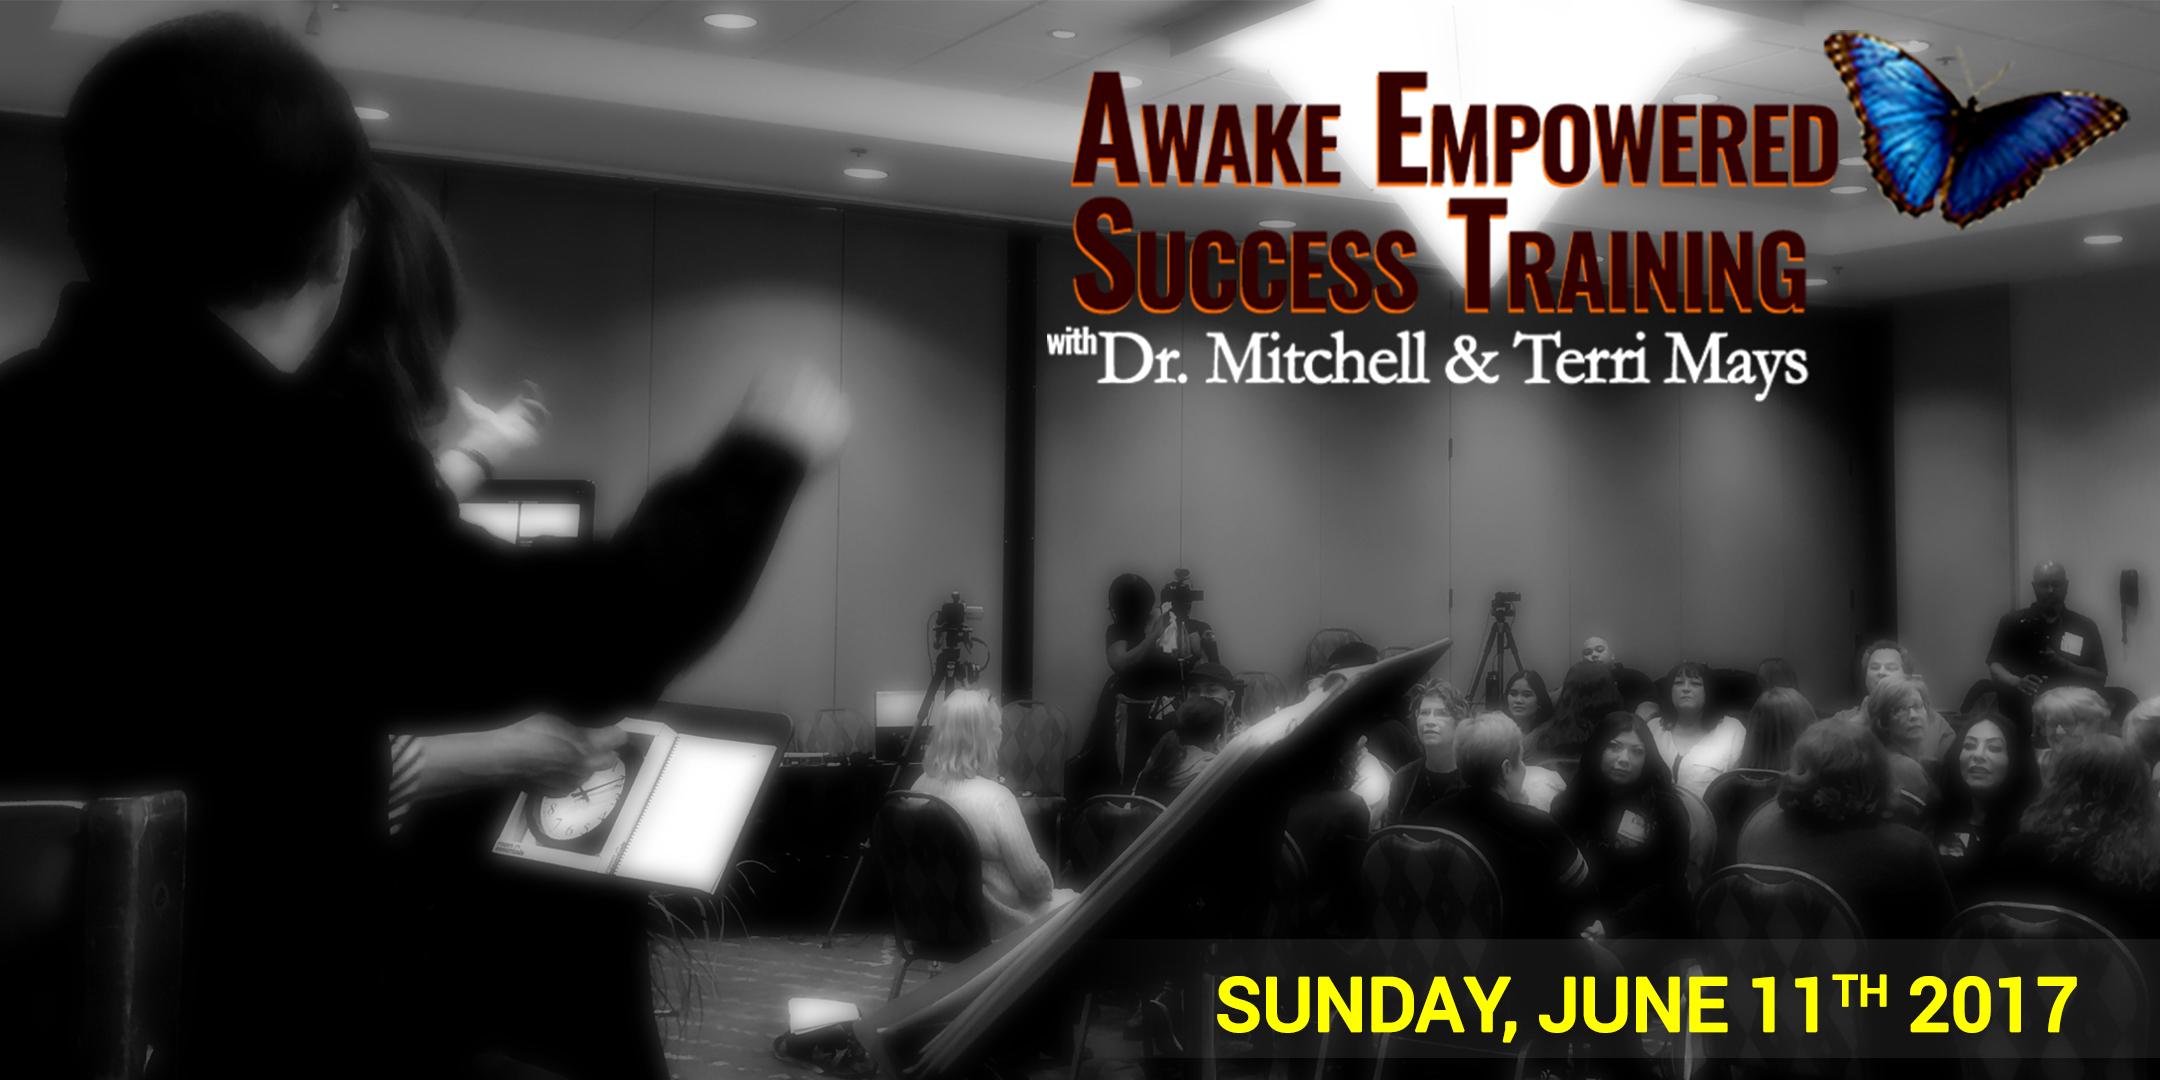 Awake Empowered Success Training (6/11/2017)